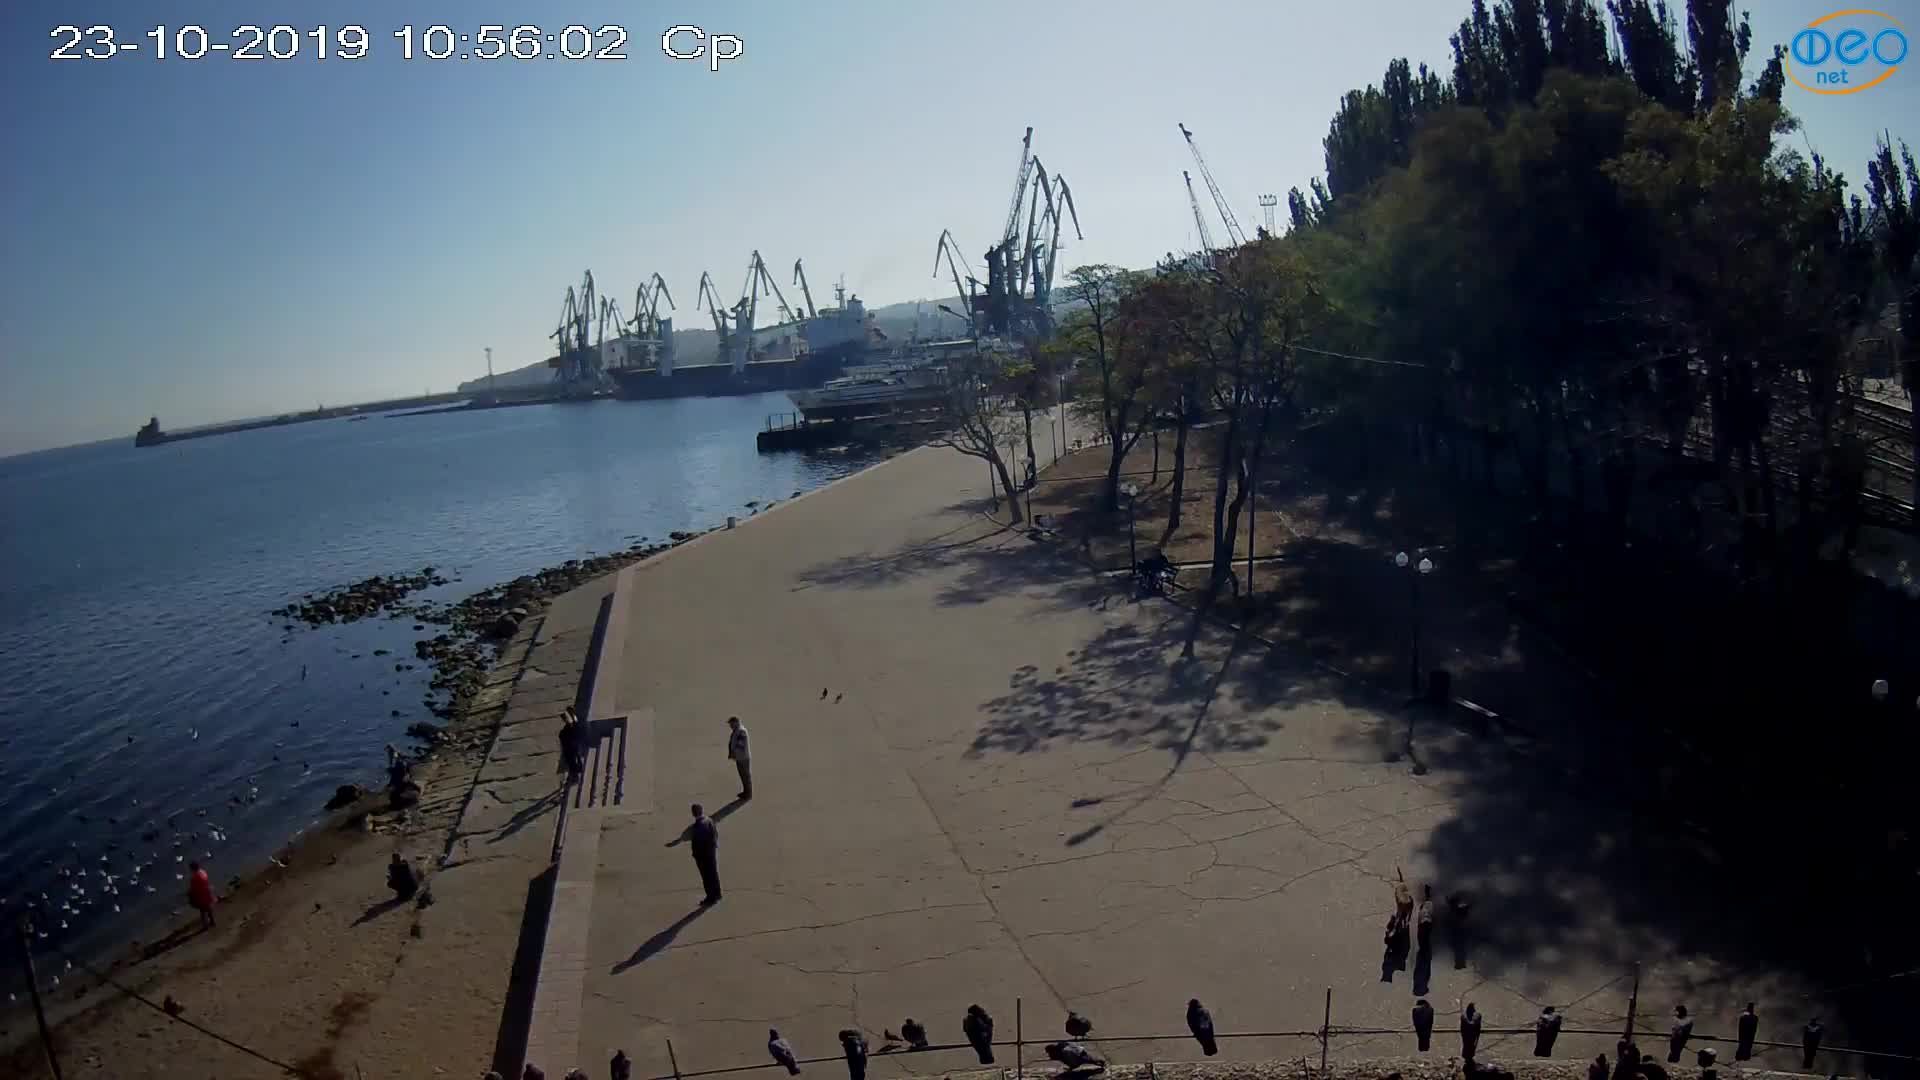 Веб-камеры Феодосии, Набережная Десантников, 2019-10-23 10:56:15